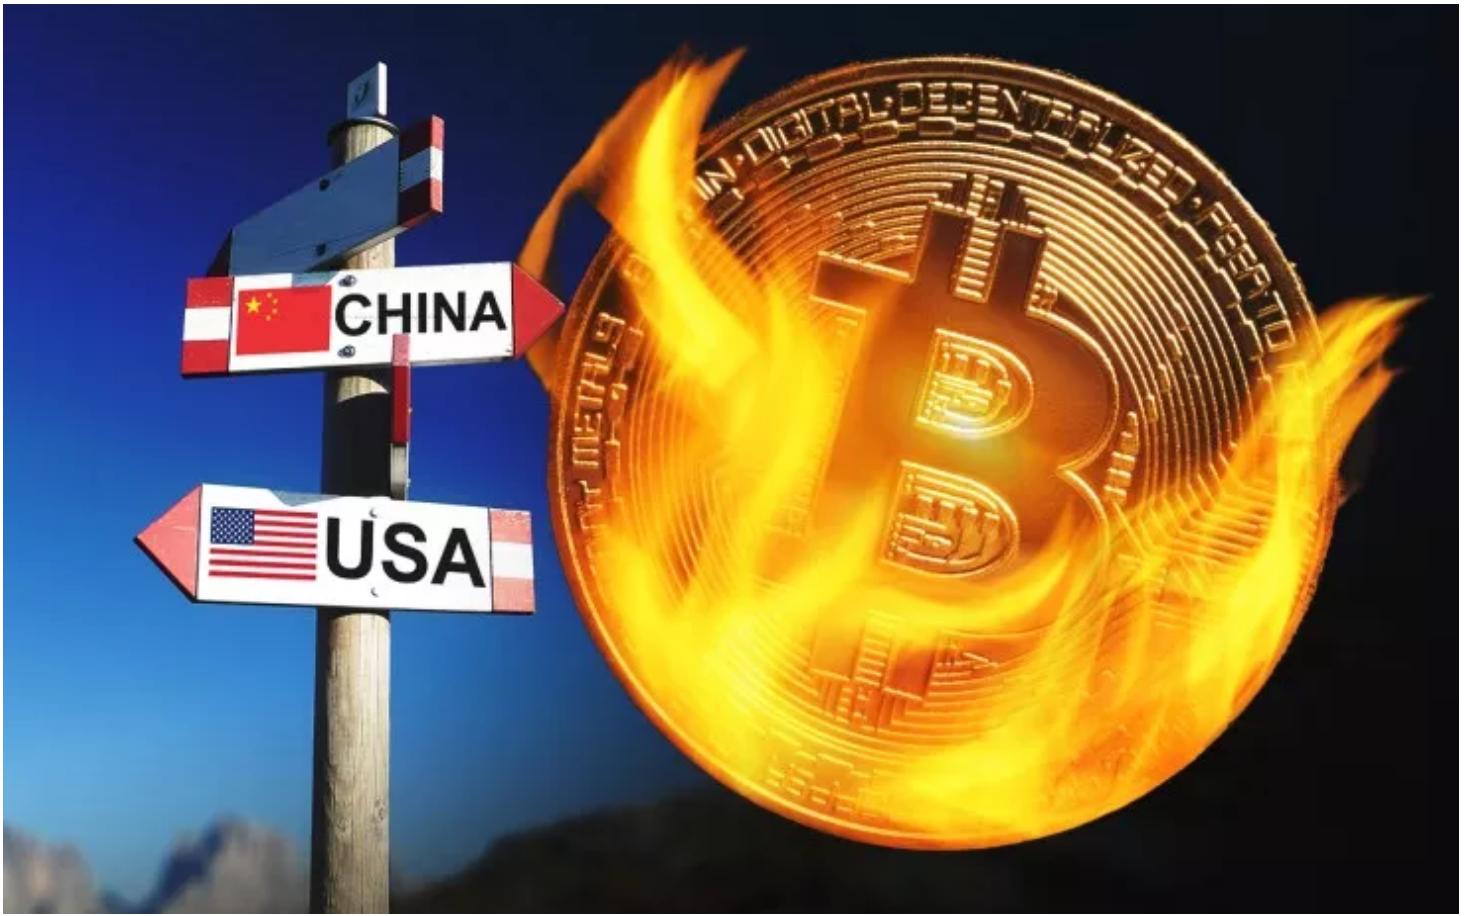 Secondo i rapporti, l'operatore del primo scambio Bitcoin in Cina è uscito dal mercato delle criptovalute.||||||